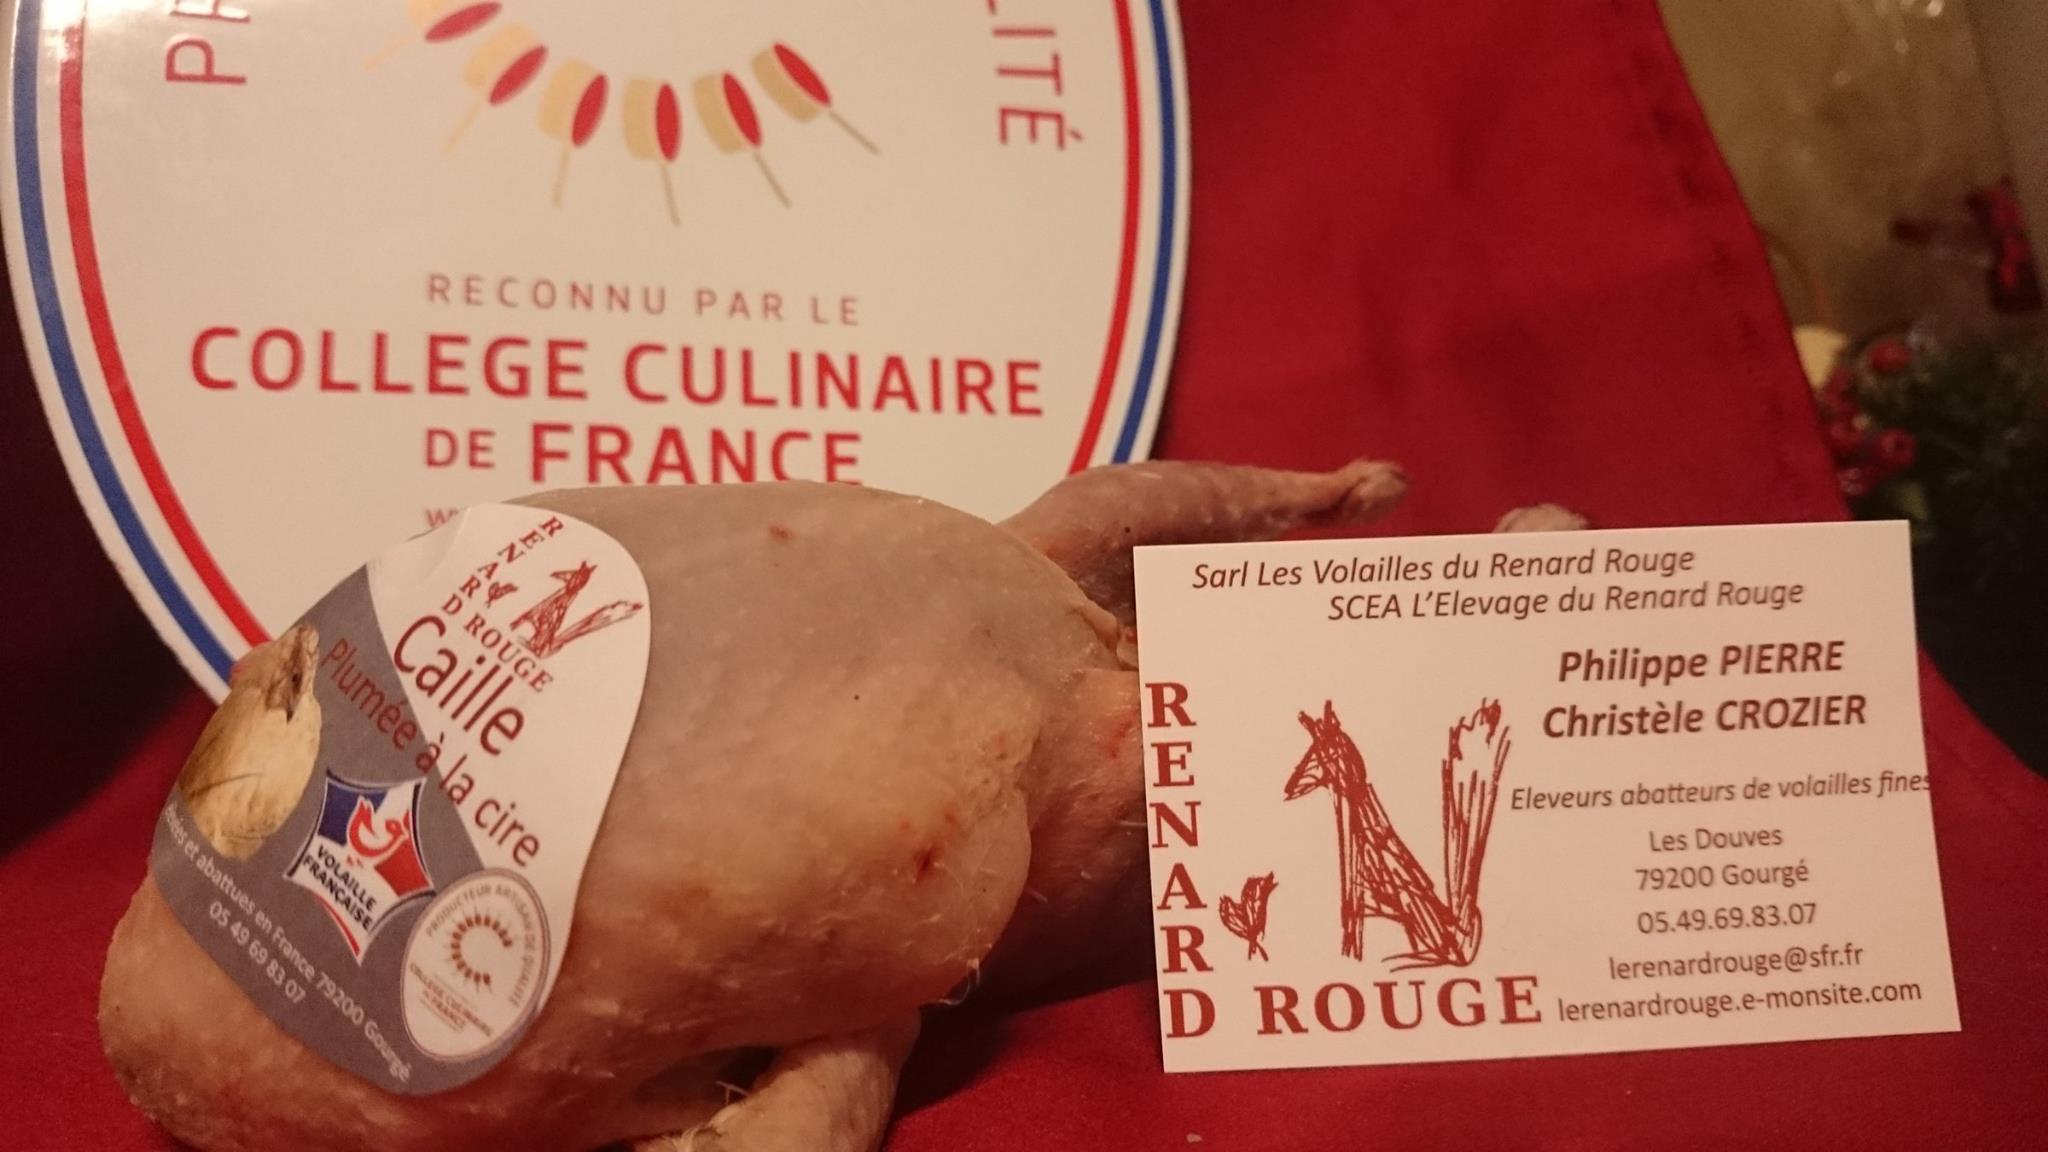 Adhérent LES VOLAILLES DU RENARD ROUGE - photo #2203